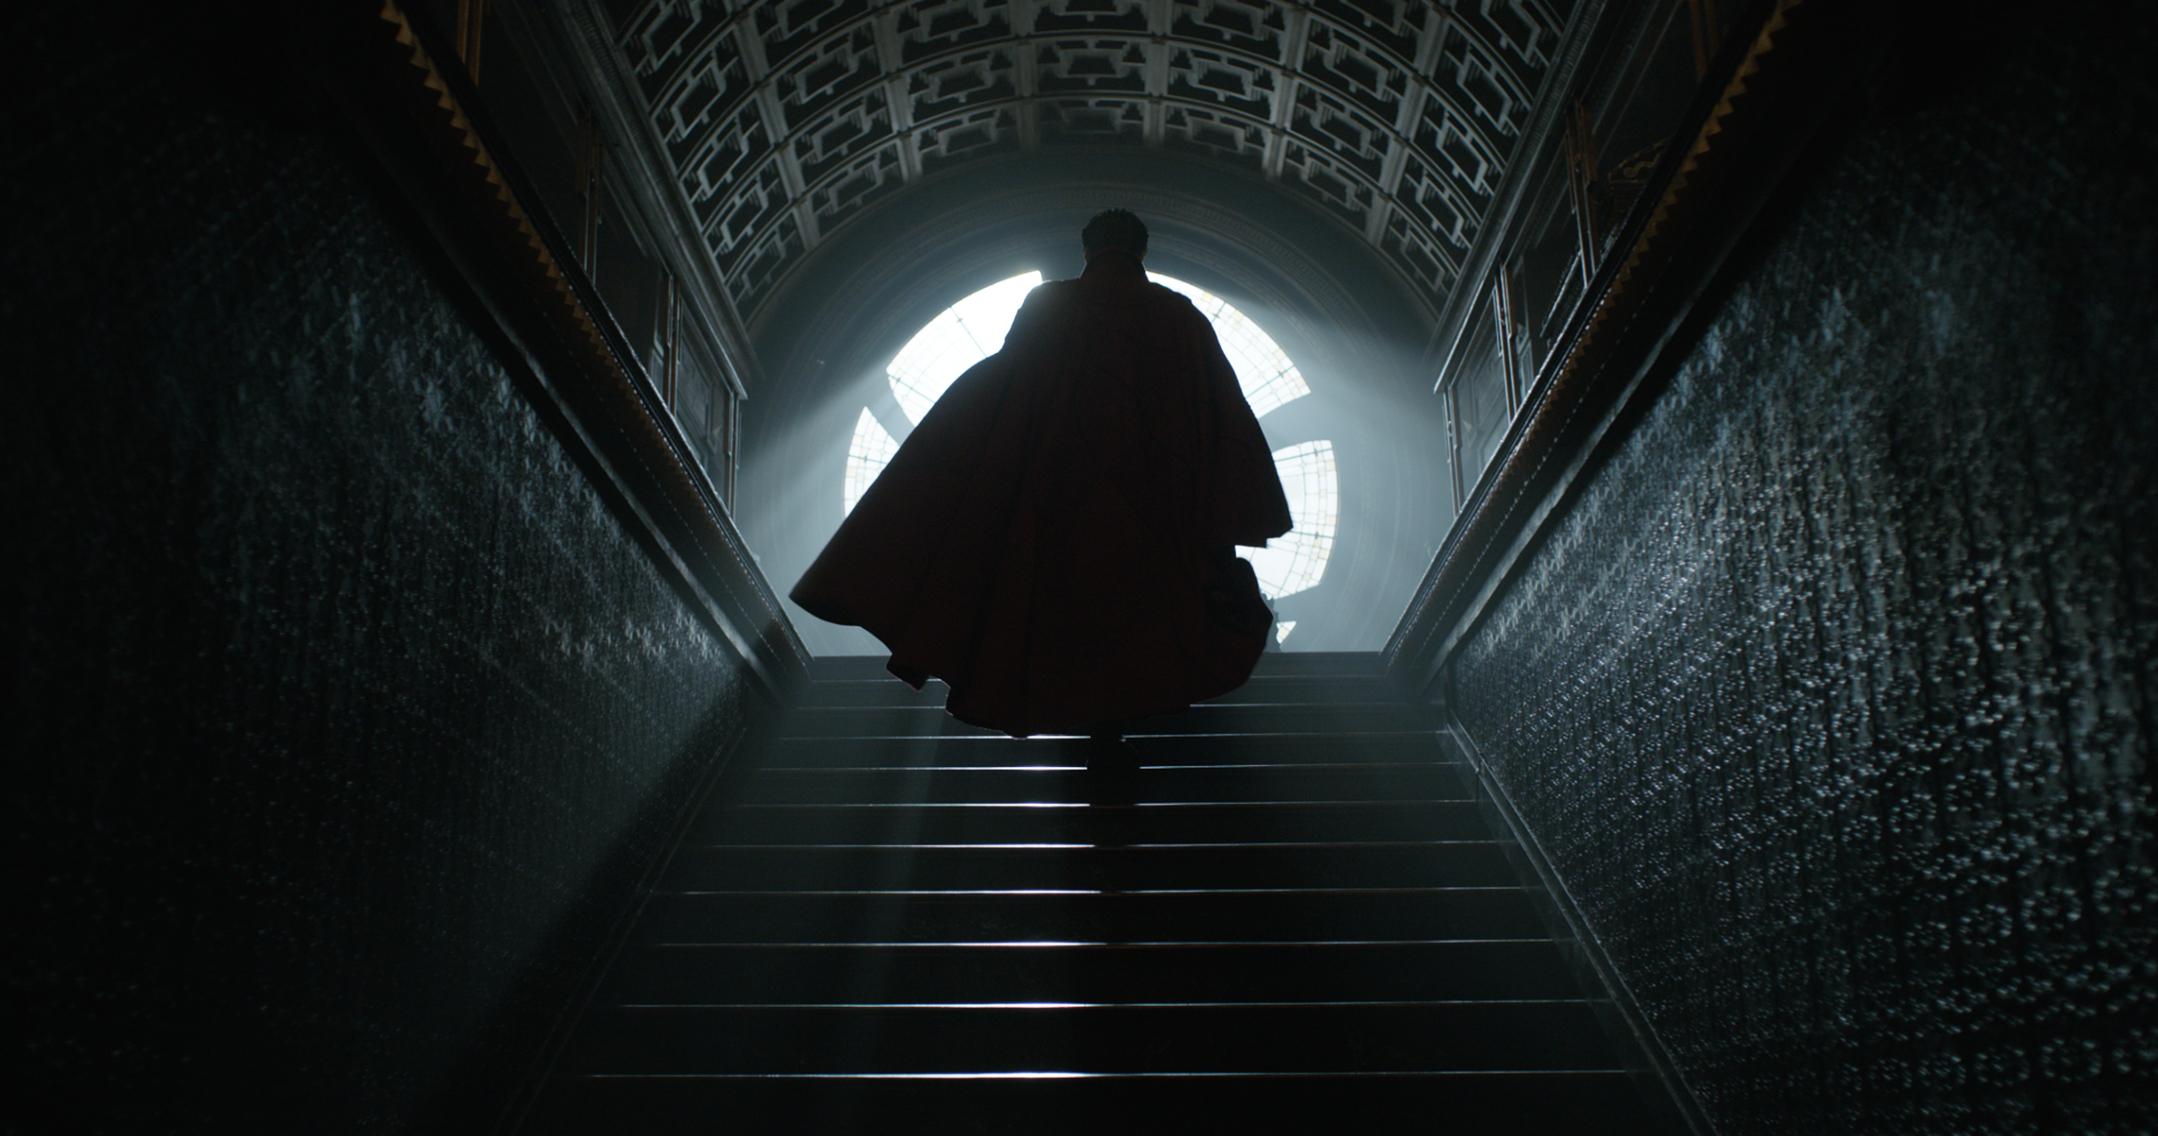 Marvels-Doctor-Strange-Teaser-Trailer-Arrives